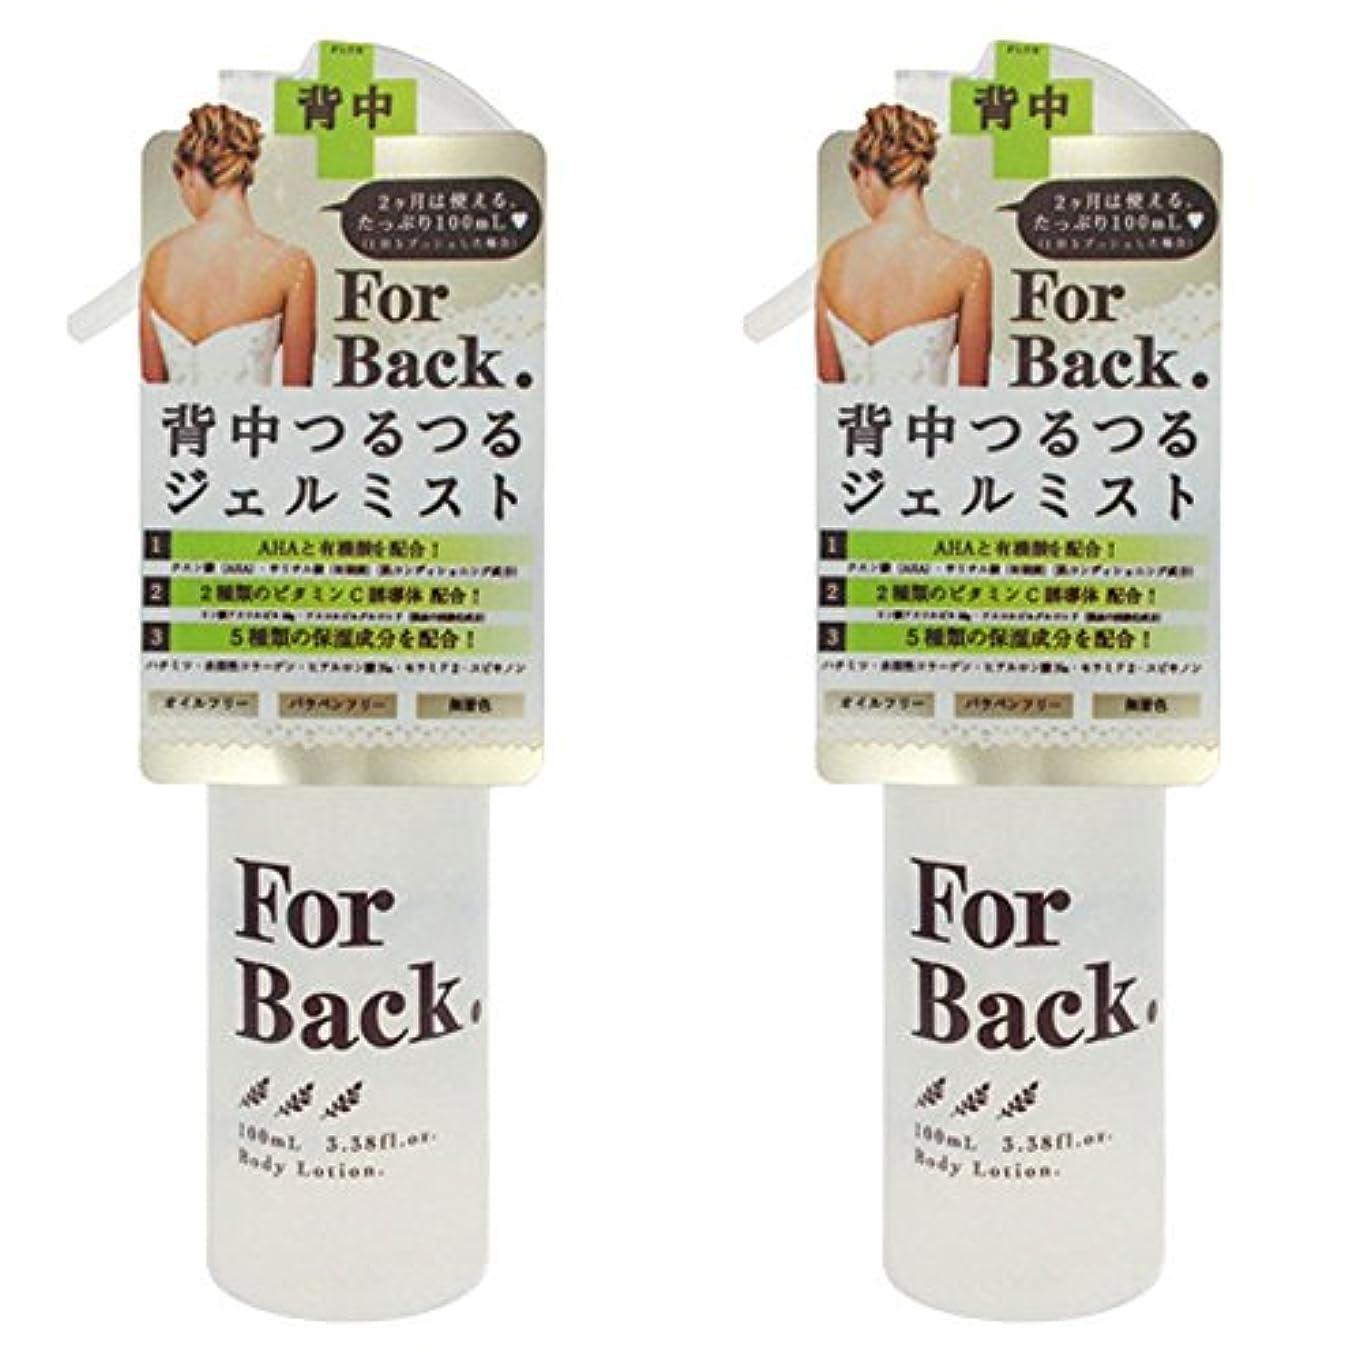 ママレイアウトジャニス【セット品】ForBack ジェルミスト 100ml ×2個